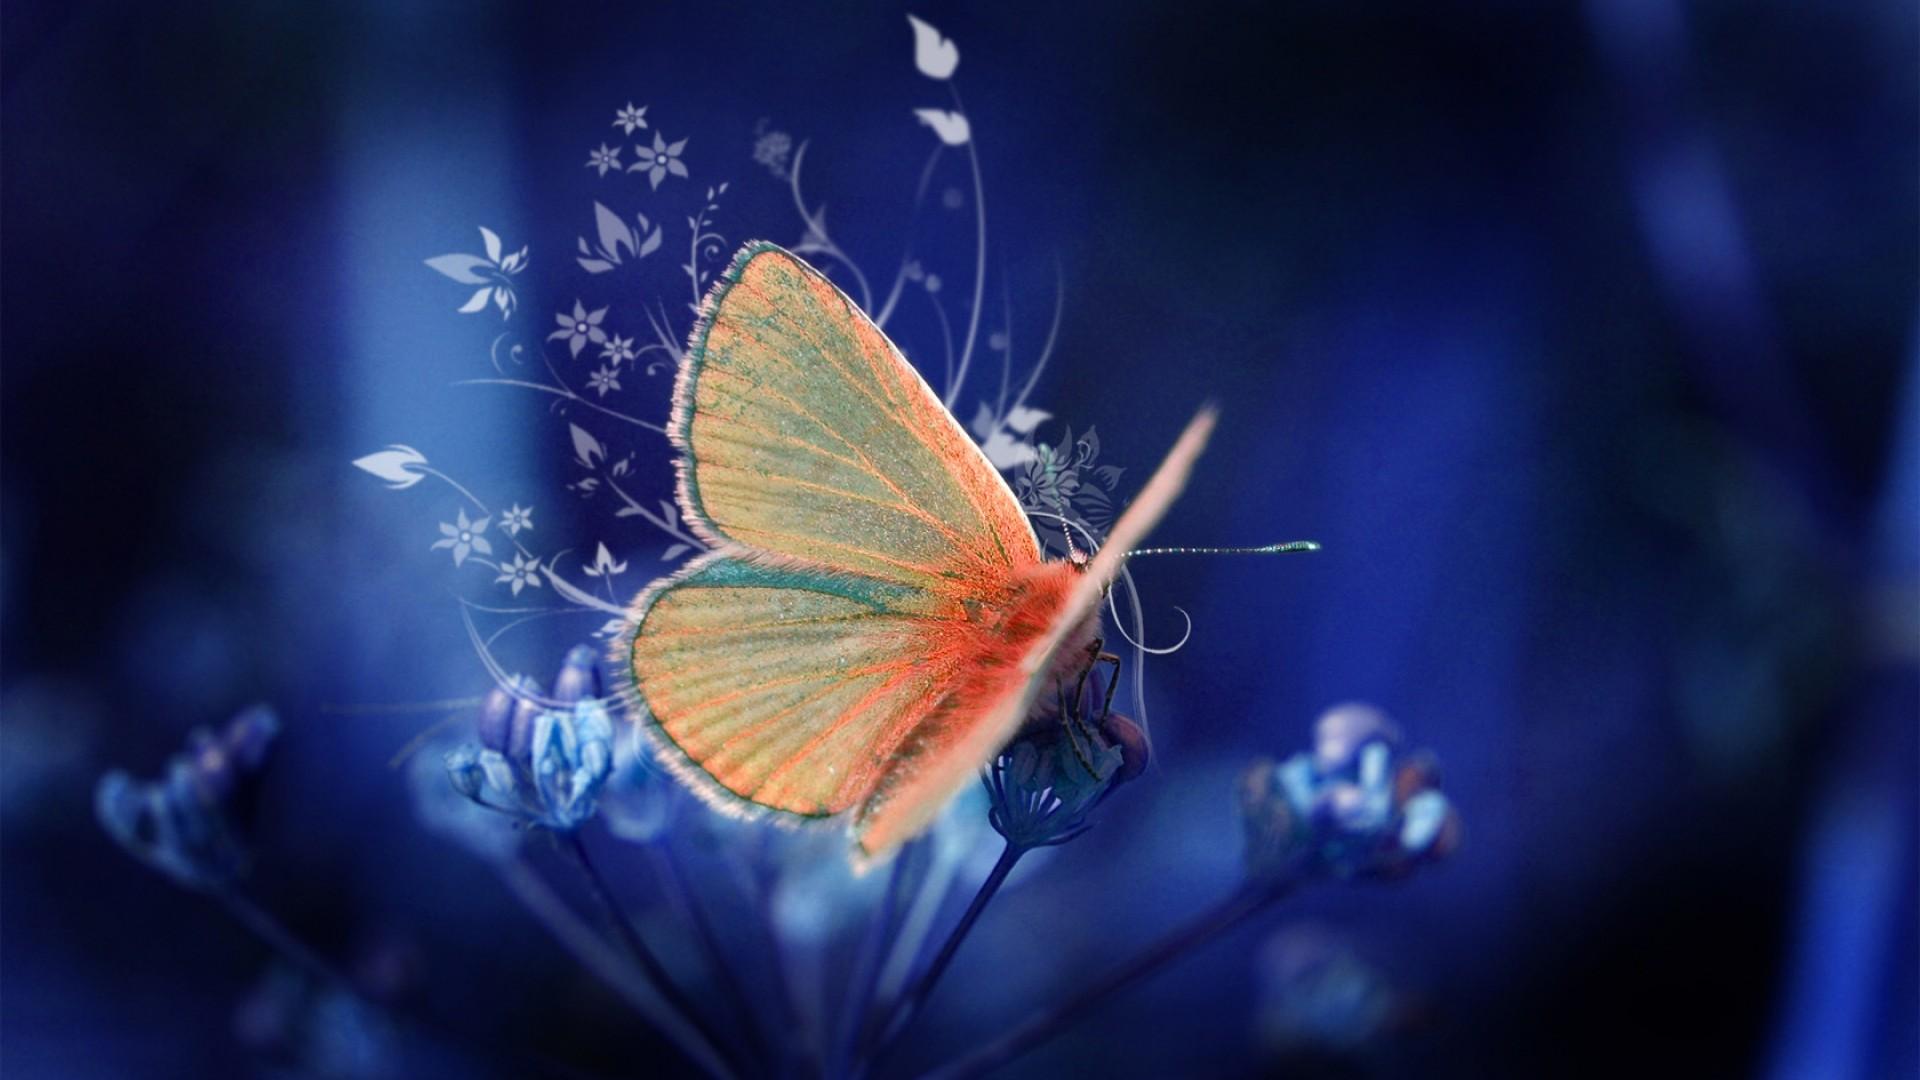 Free Download Butterfly Wallpaper Hd 19201080 For Desktop